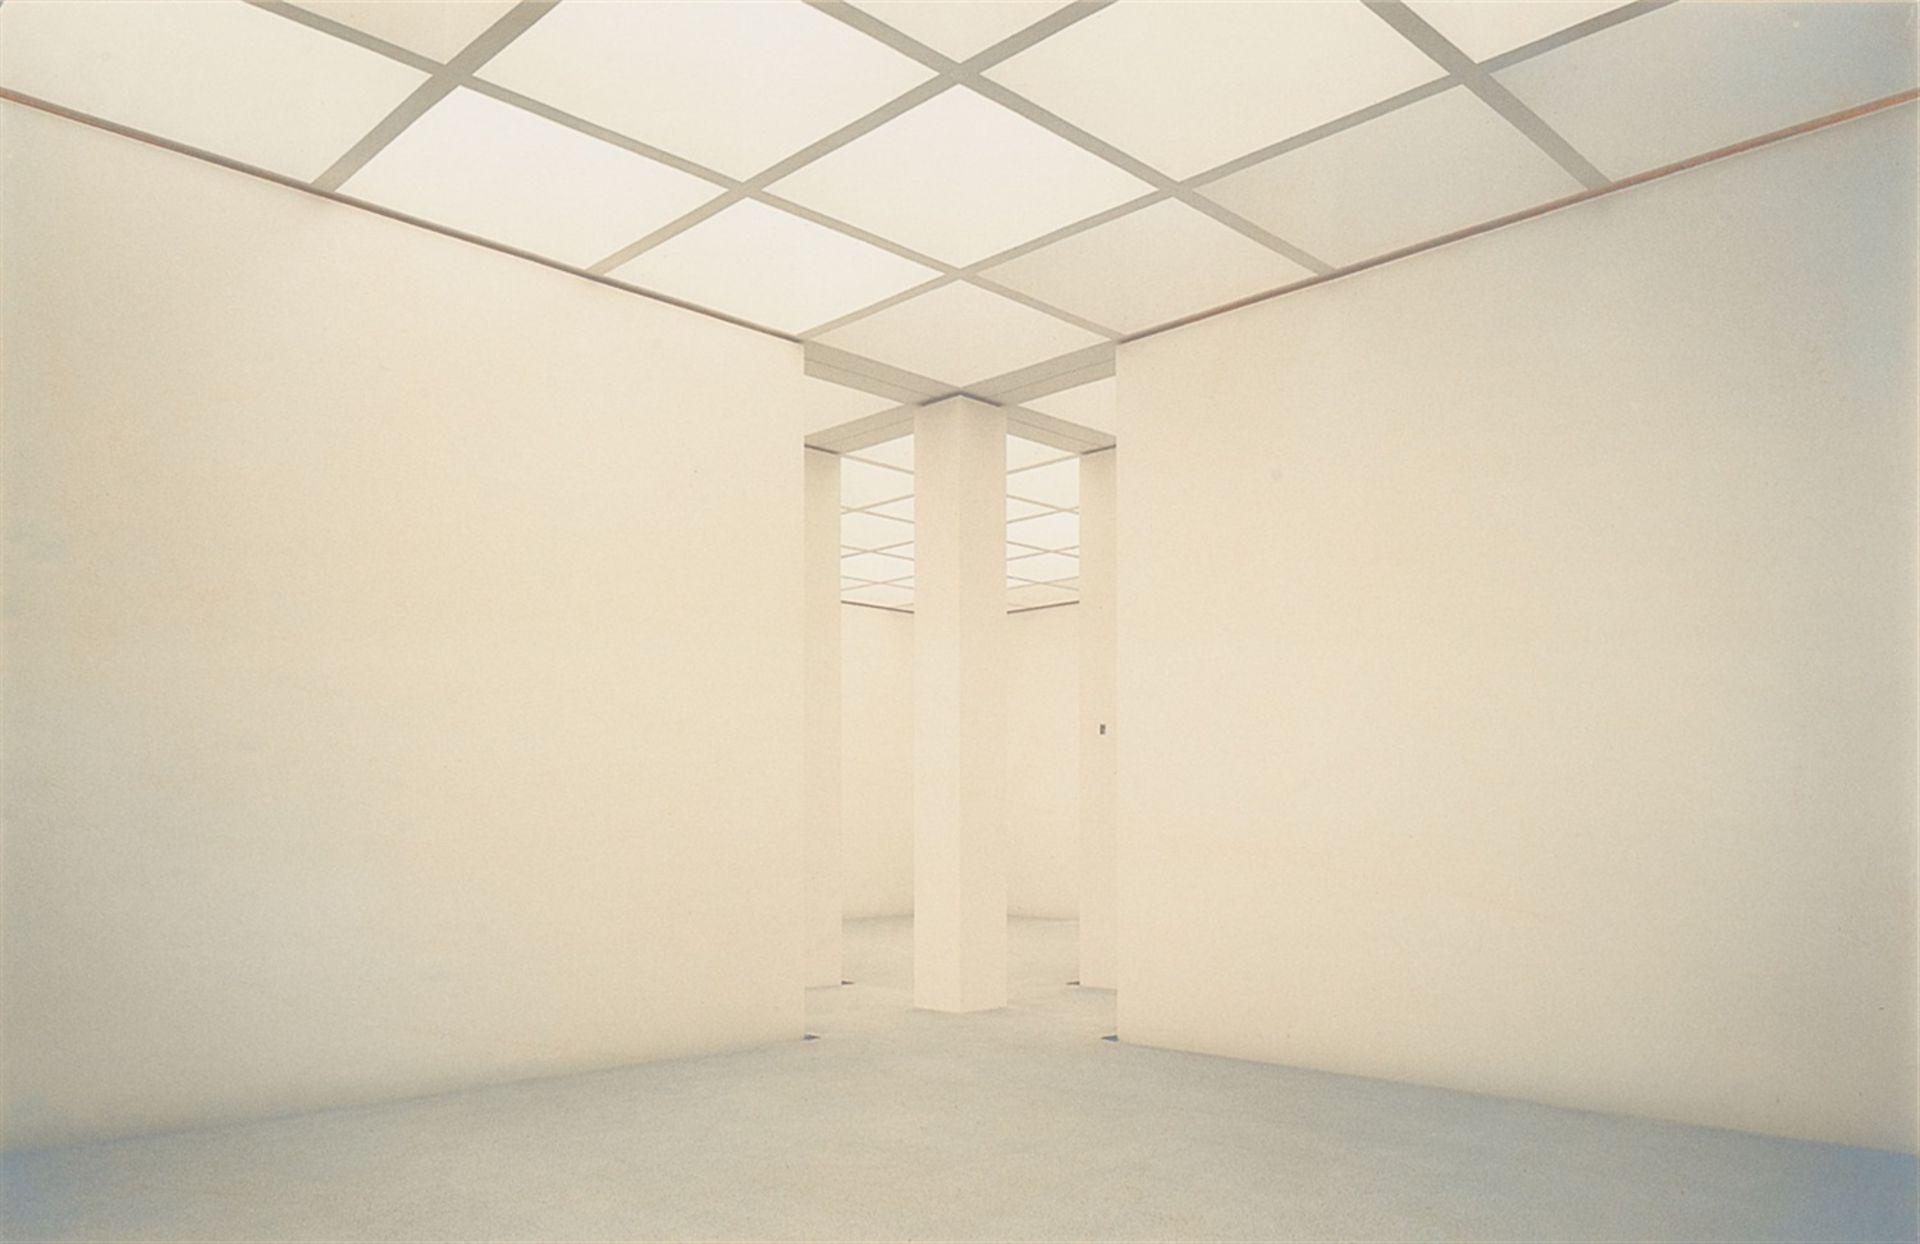 Elmgreen & DragsetOhne Titel (aus der Serie: Deutsche Museen) - Bild 7 aus 8